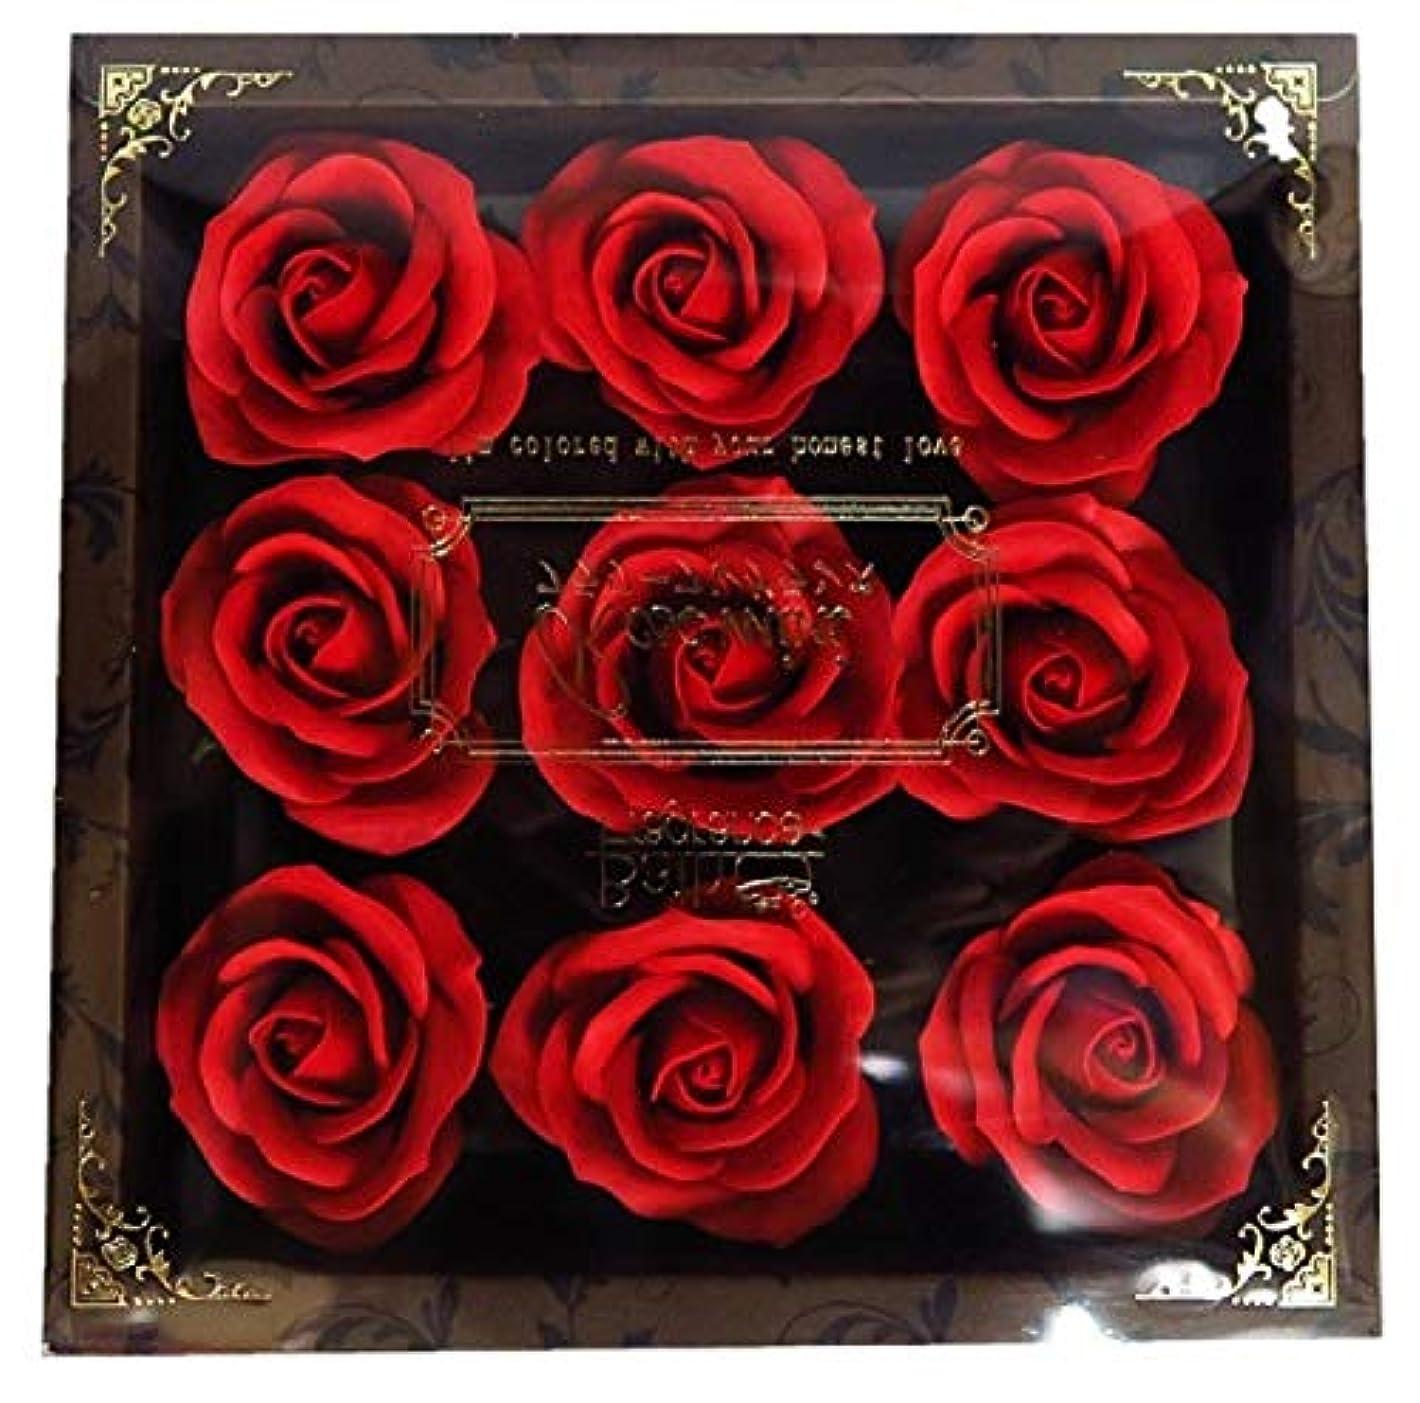 リア王金銭的大惨事バスフレグランス フラワーフレグランス ミニローズフレグランス(L)レッド ギフト お花の形の入浴剤 プレゼント ばら